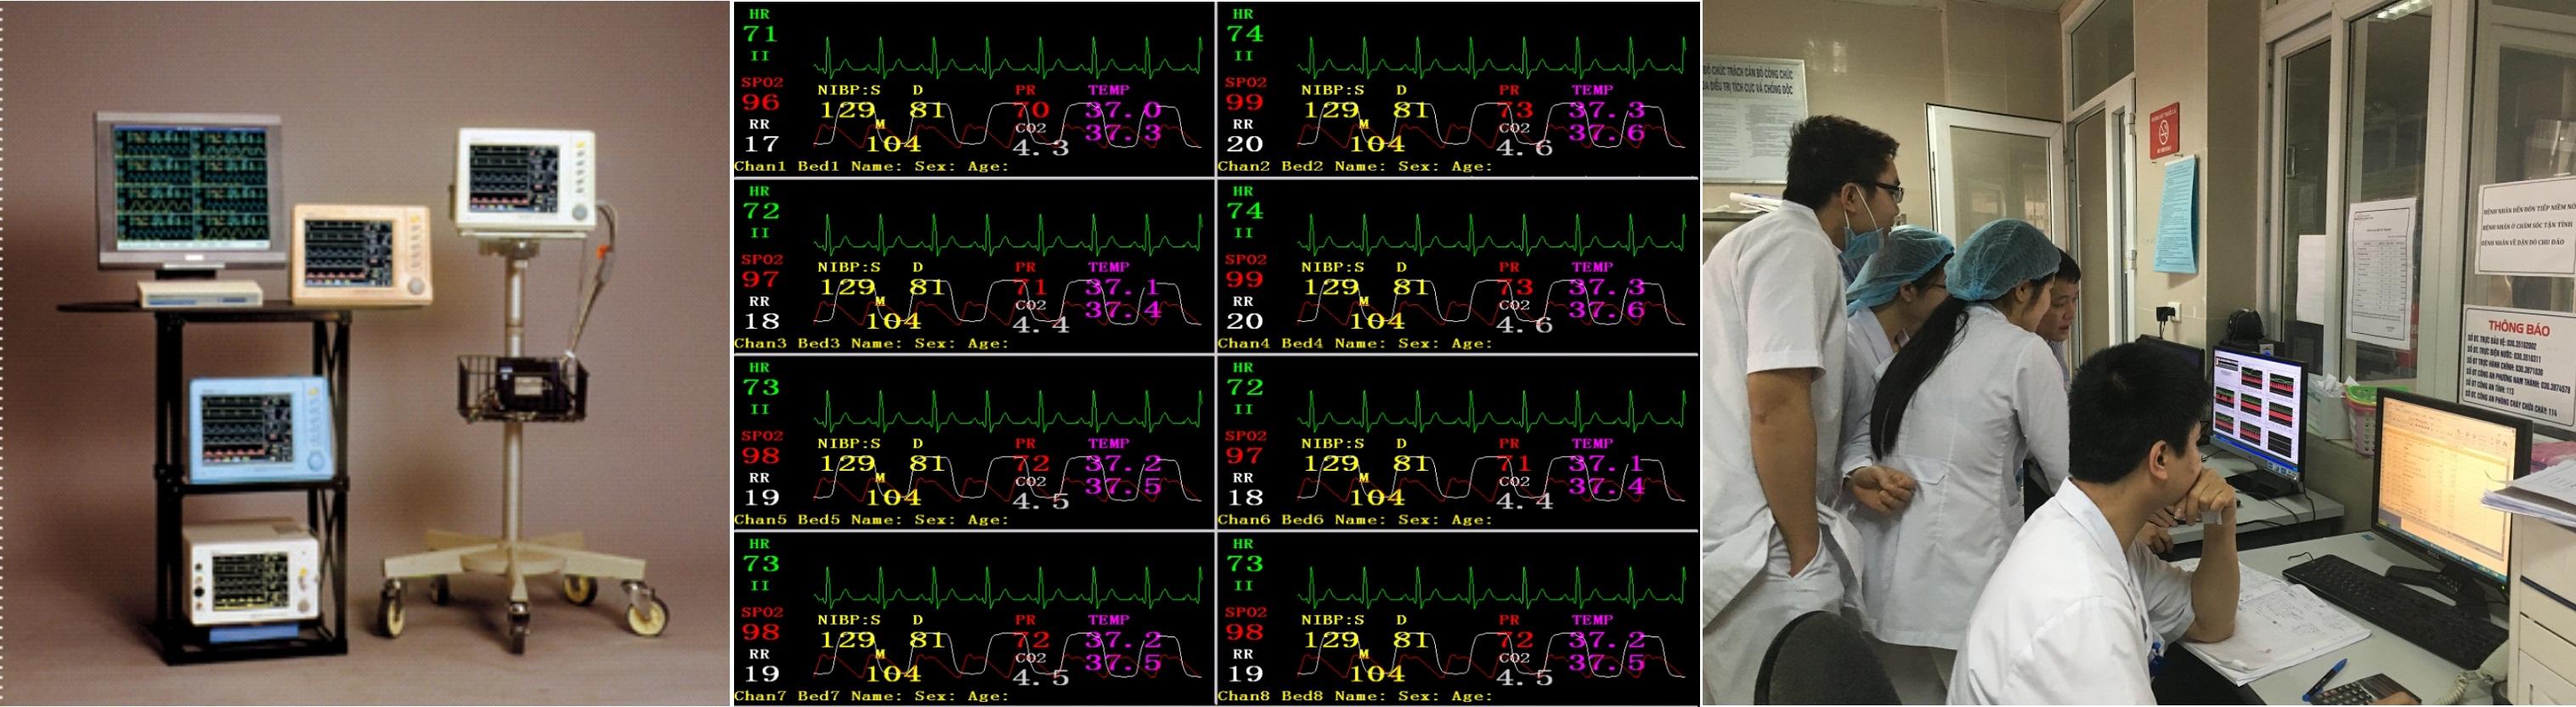 Hệ thống theo dõi bệnh nhân trung tâm BK-BCE